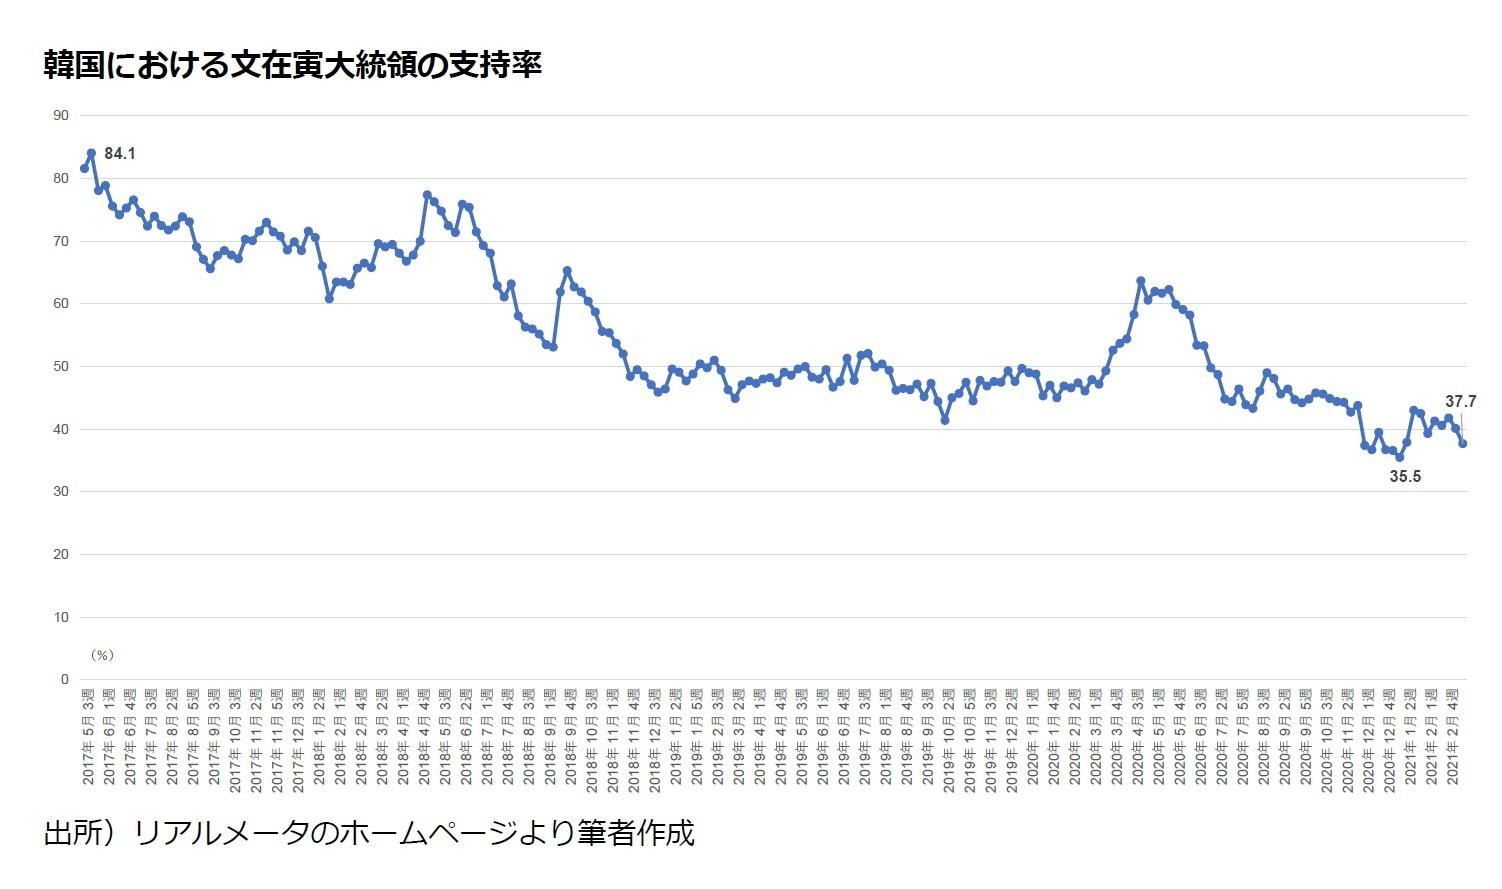 韓国における文在寅大統領の支持率